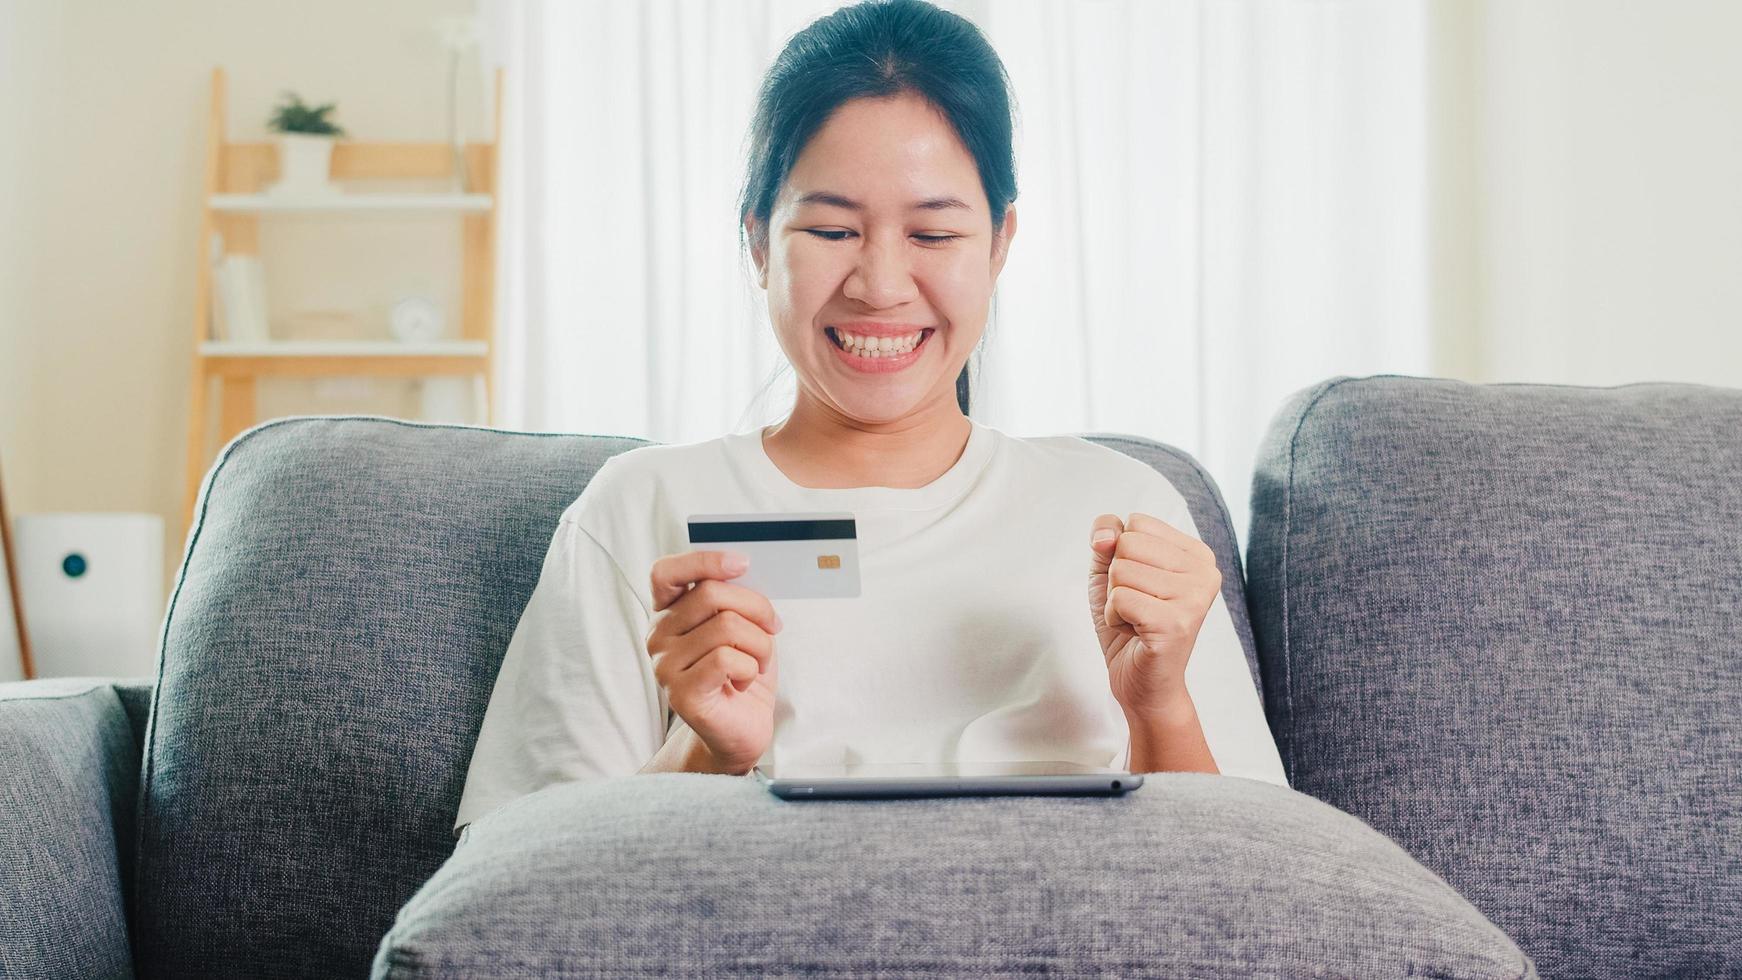 Mujer asiática con tableta y tarjeta de crédito en la sala de estar. foto